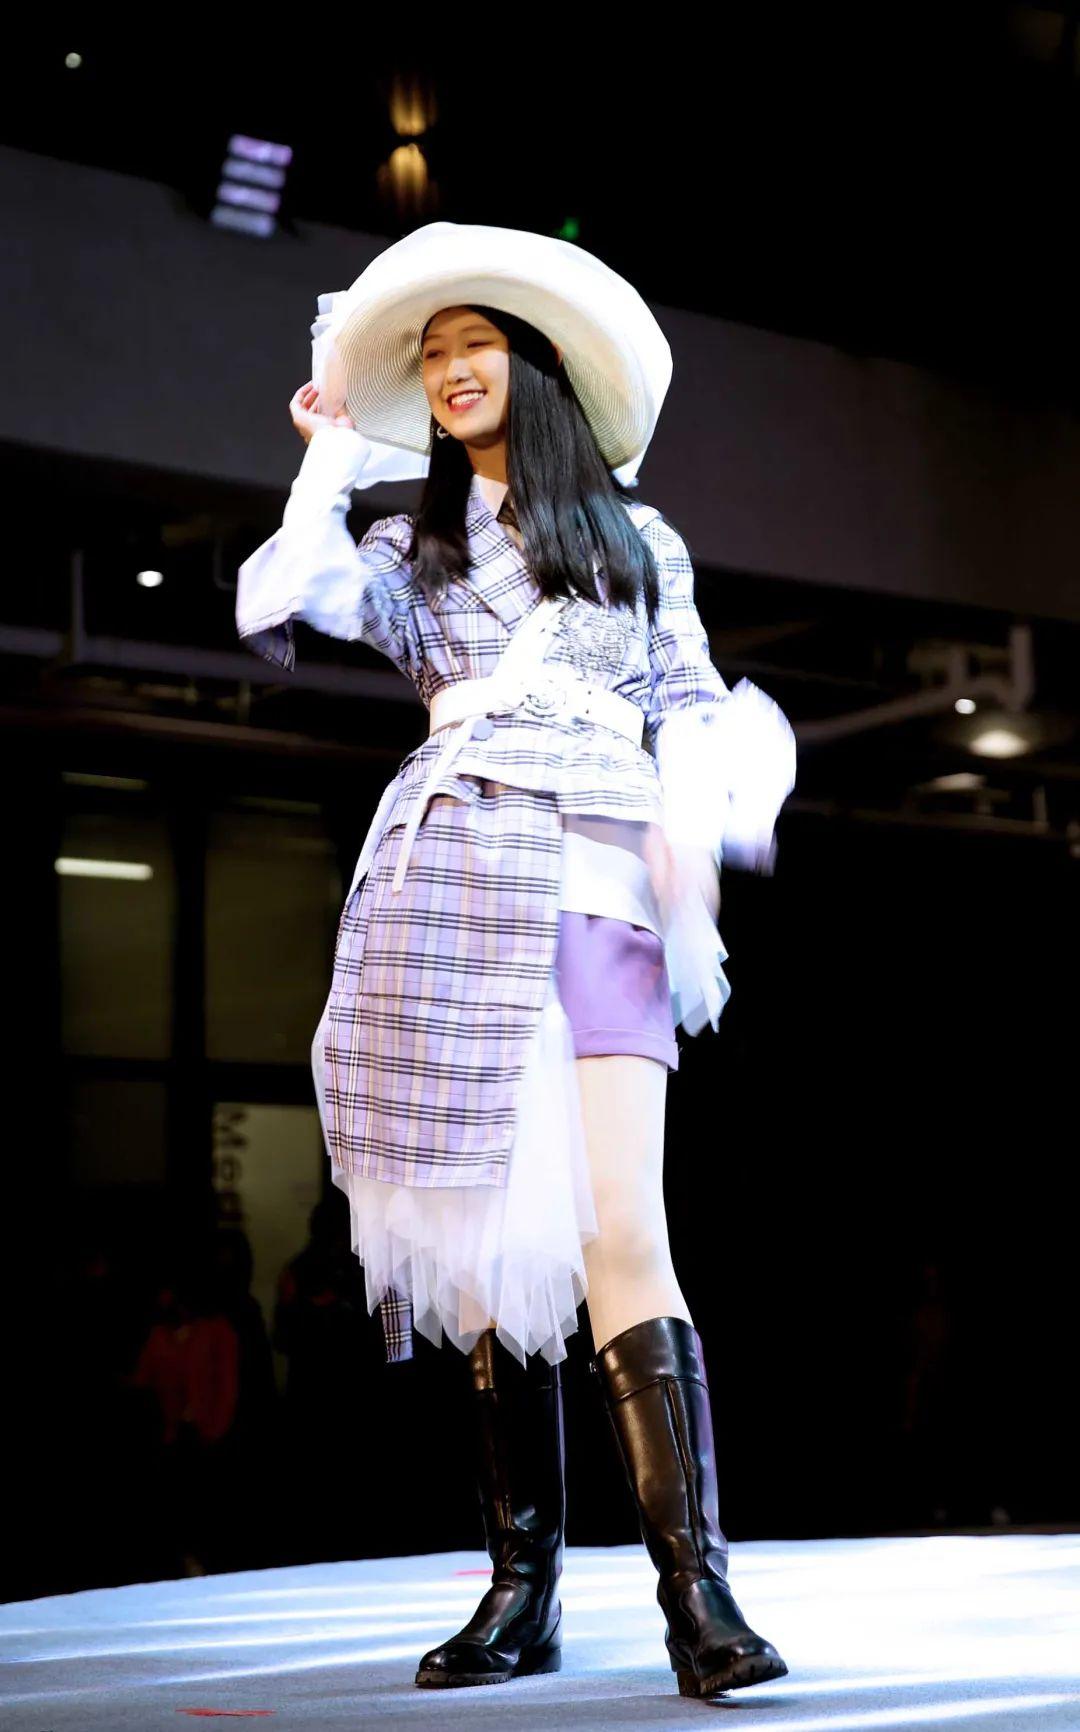 深国交2021 Fashion Show - 校园活动 疫情之下的时尚  深国交 深圳国际交流学院 第4张